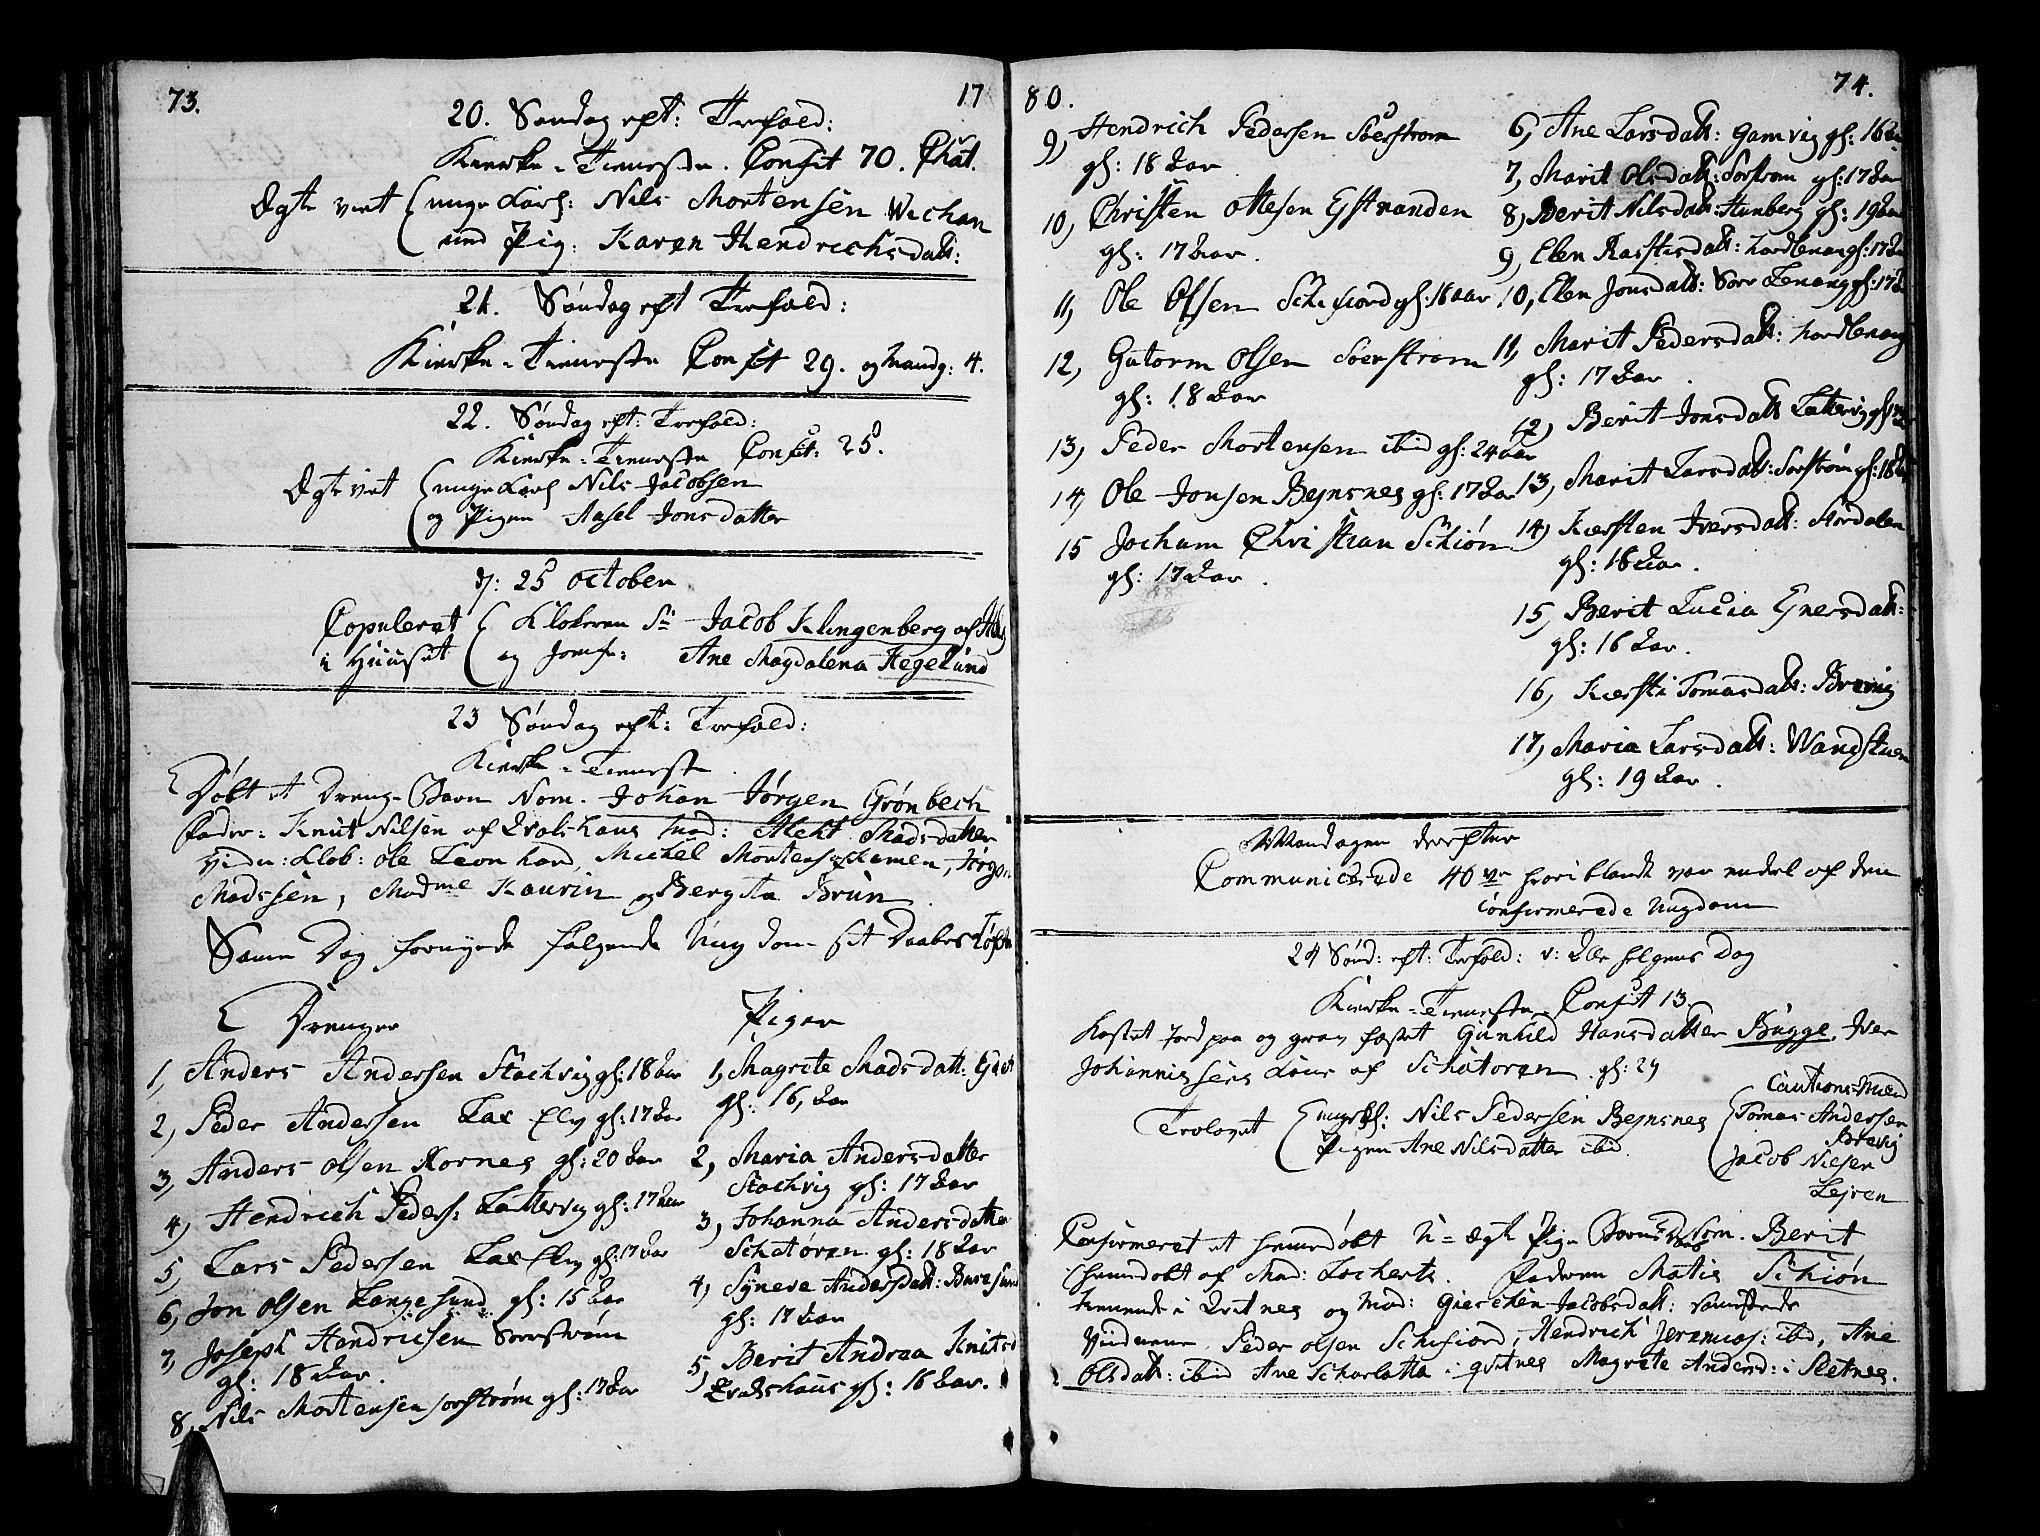 SATØ, Karlsøy sokneprestembete, Ministerialbok nr. 1, 1775-1823, s. 73-74